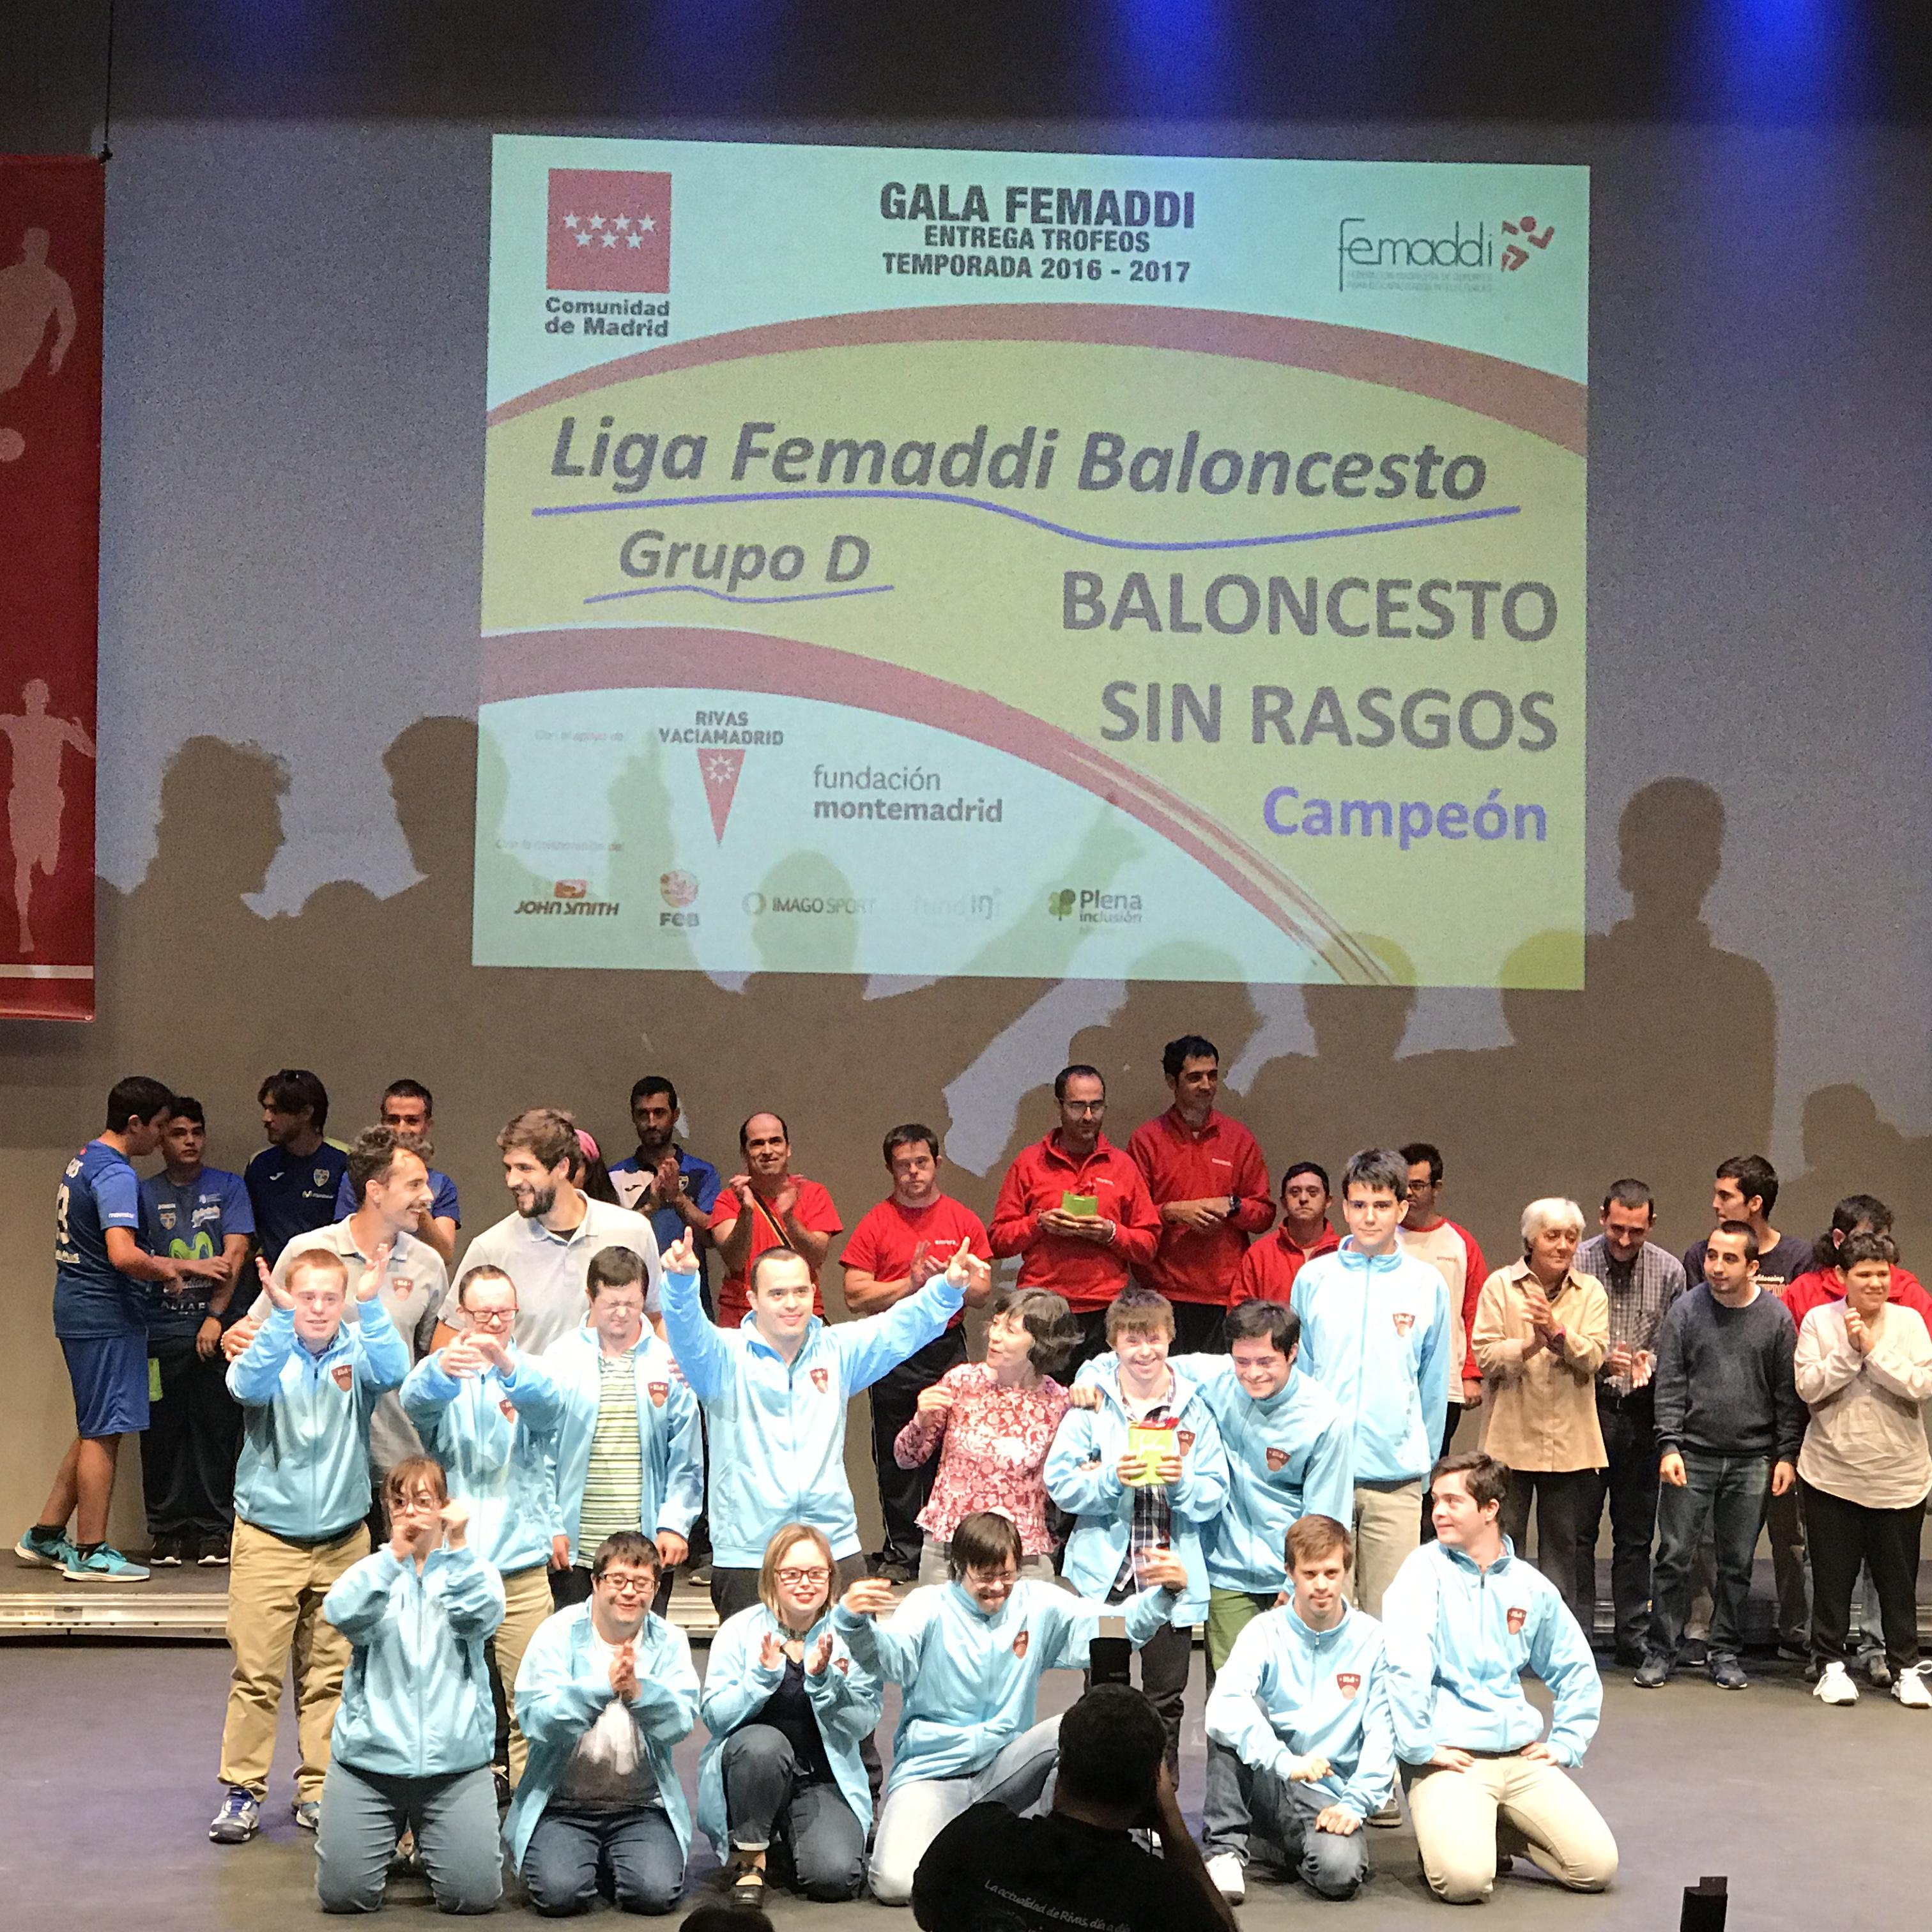 Imagosport, Colaborador En La Gala Anual De Femaddi